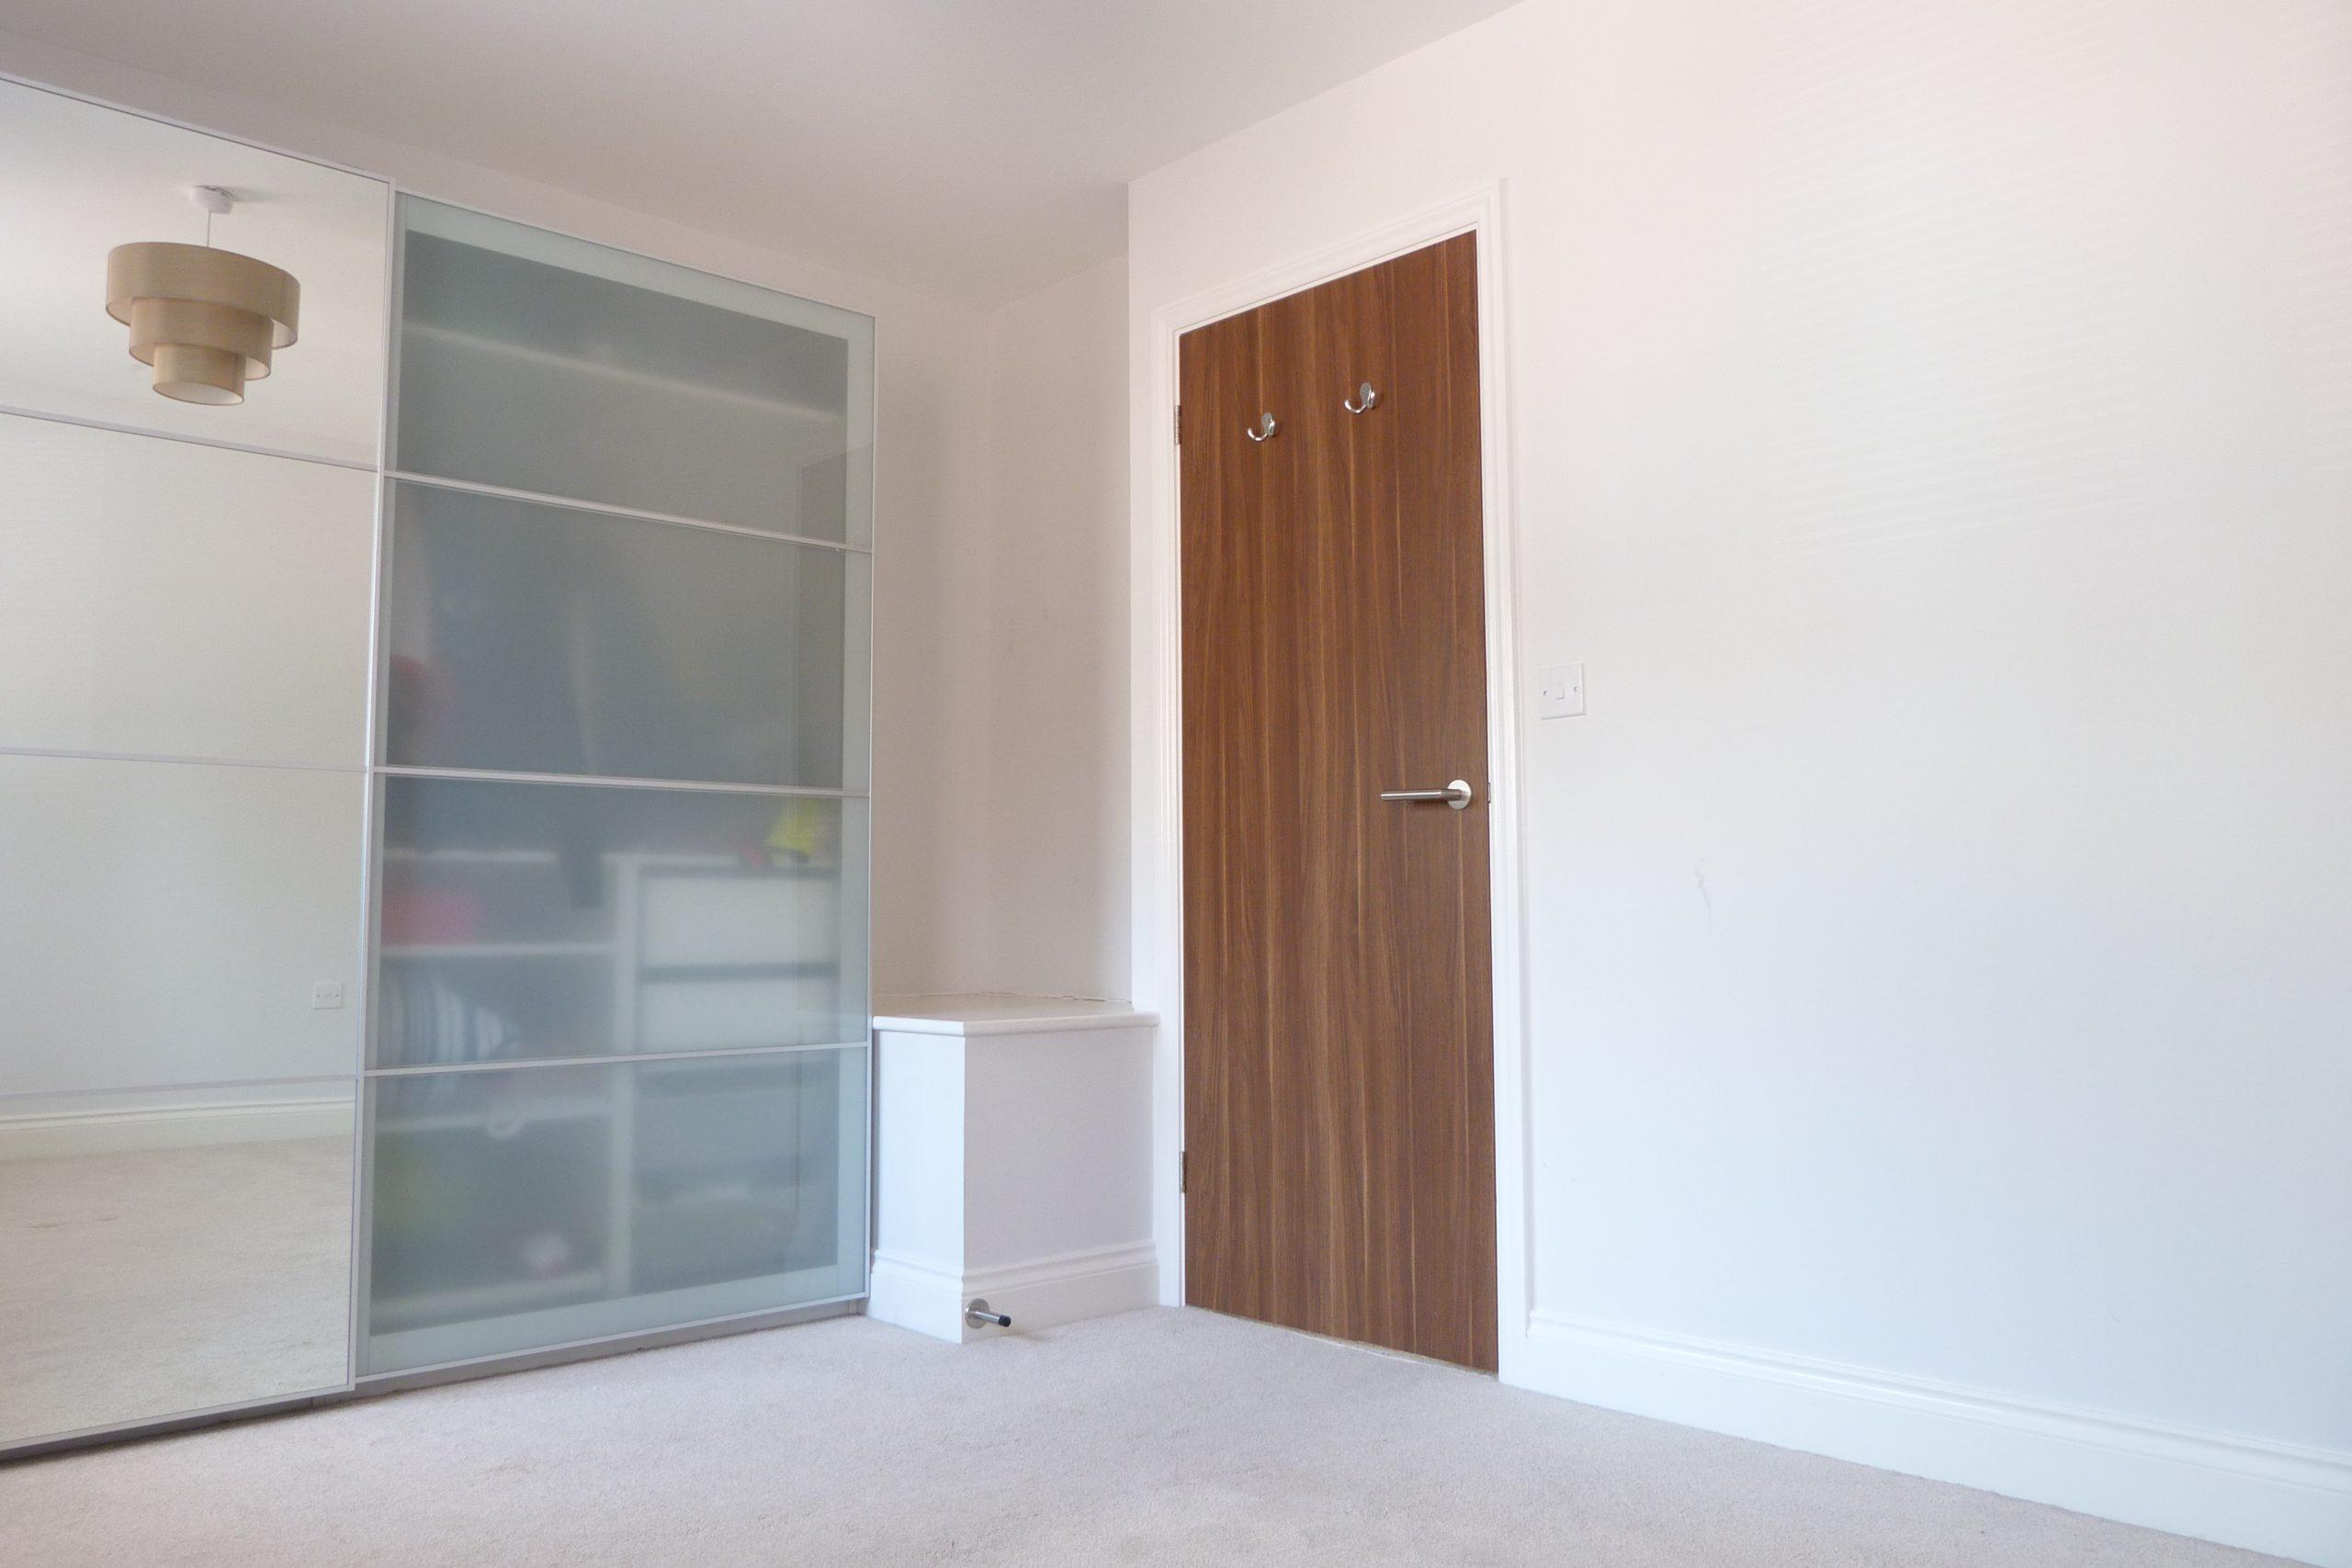 Hastings – Three bedroom End of Terrace House